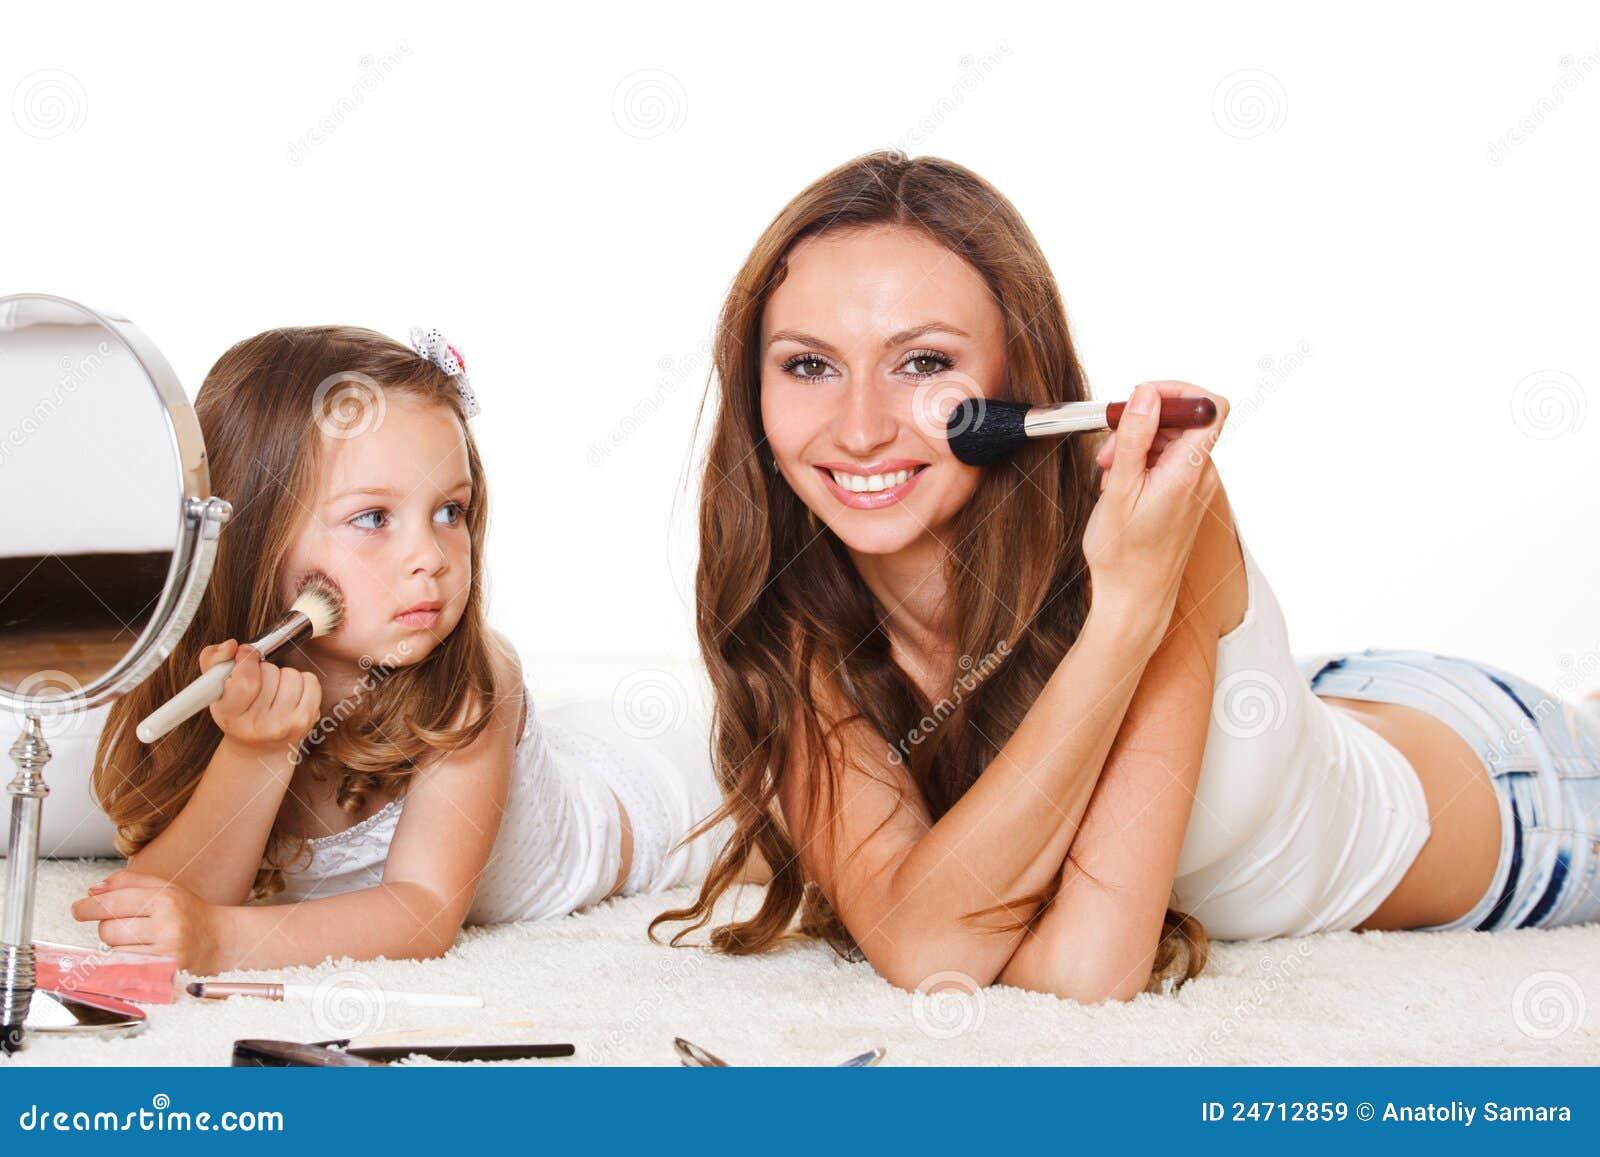 Дочь смотрит как мать